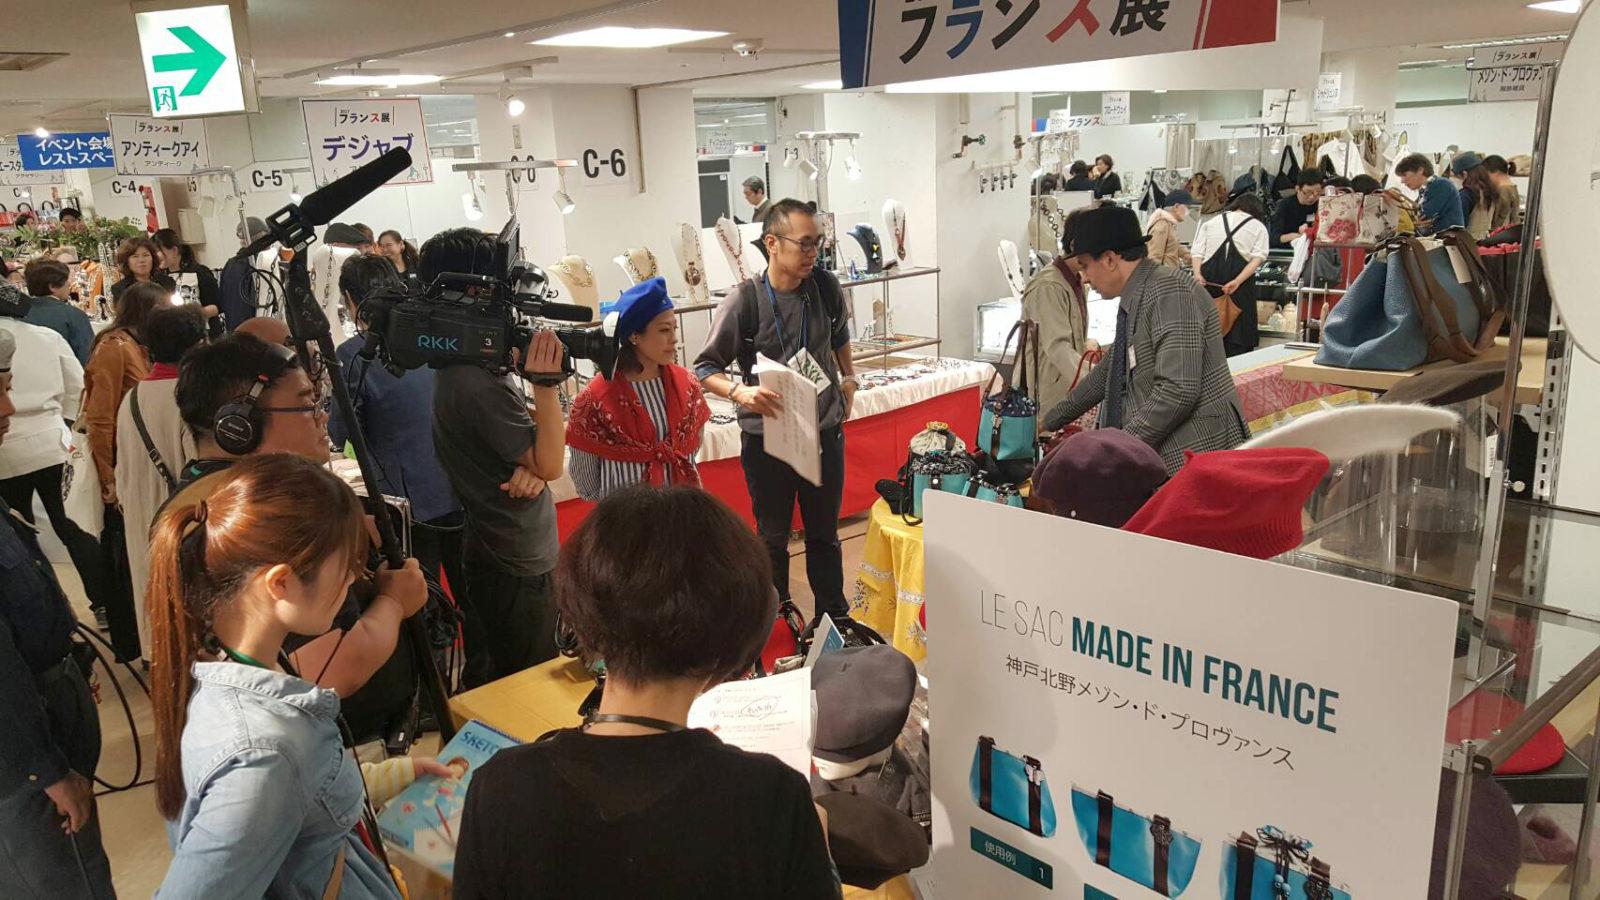 九州初出店! 鶴屋百貨店 2017フランス展に出店。10月18日(水)〜24日(火)まで。